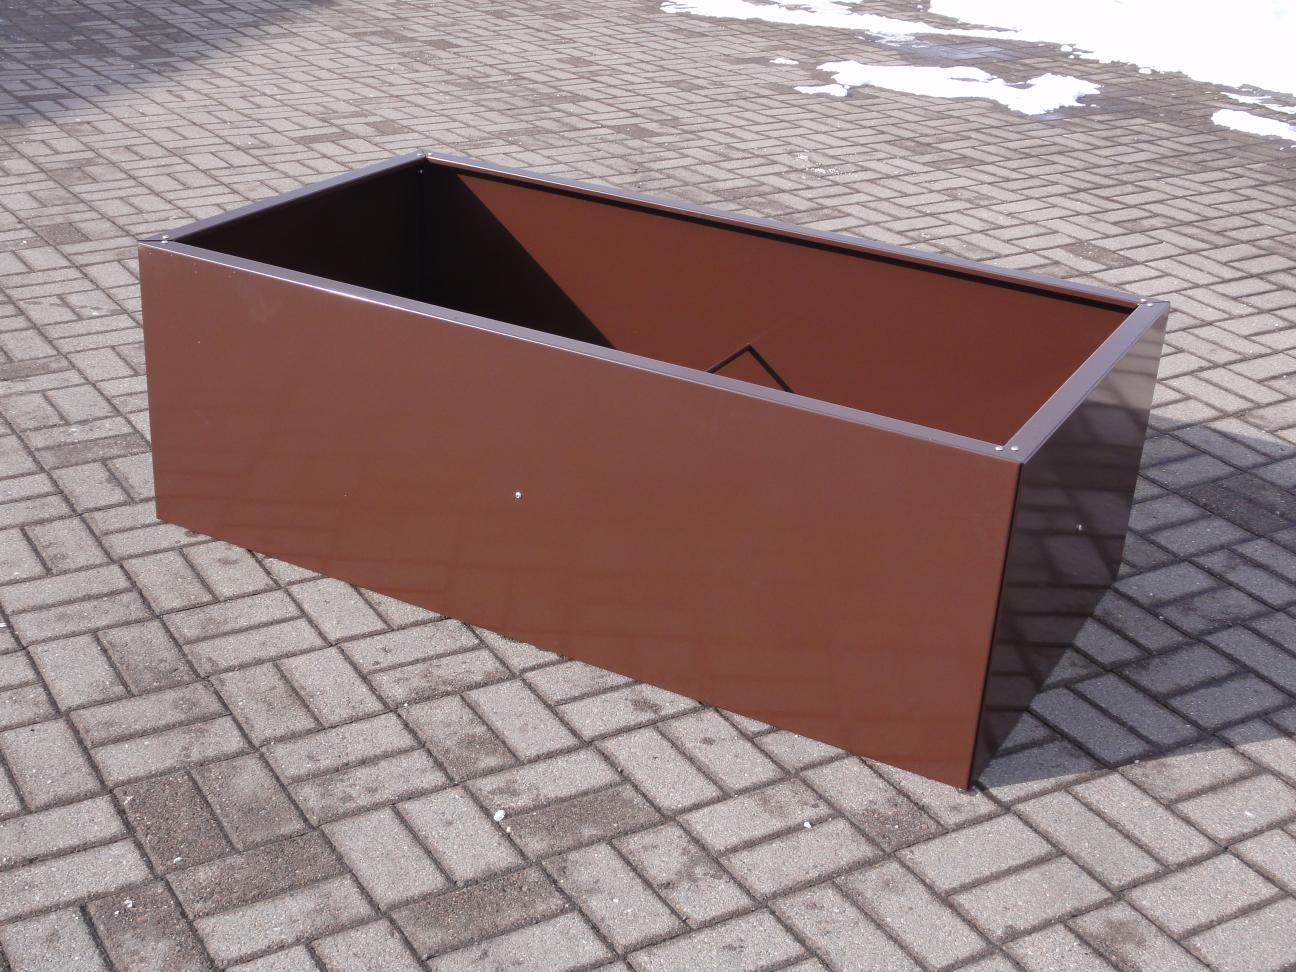 hochbeet urban aus metall f r jeden garten und jede terasse. Black Bedroom Furniture Sets. Home Design Ideas